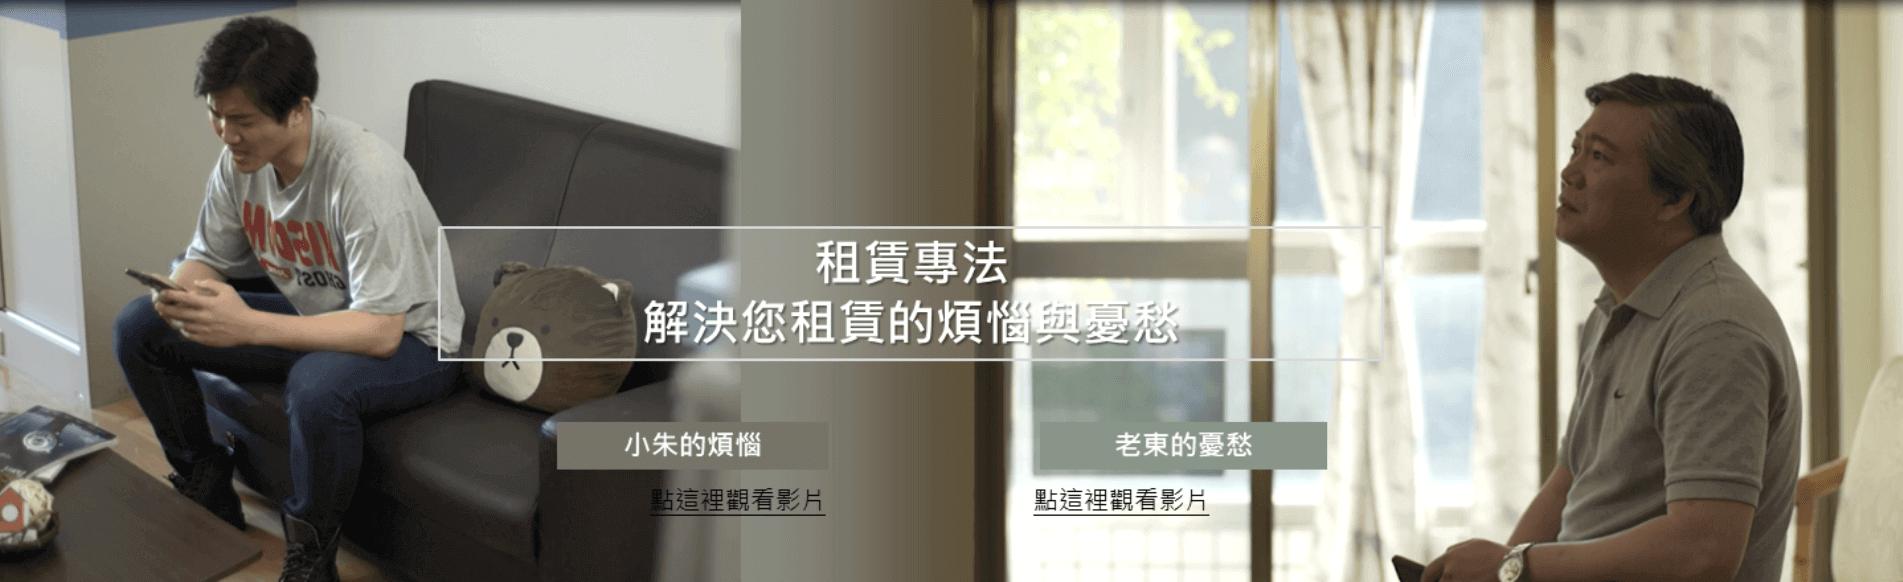 租賃專法宣導影片-小朱的煩惱[另開新視窗]